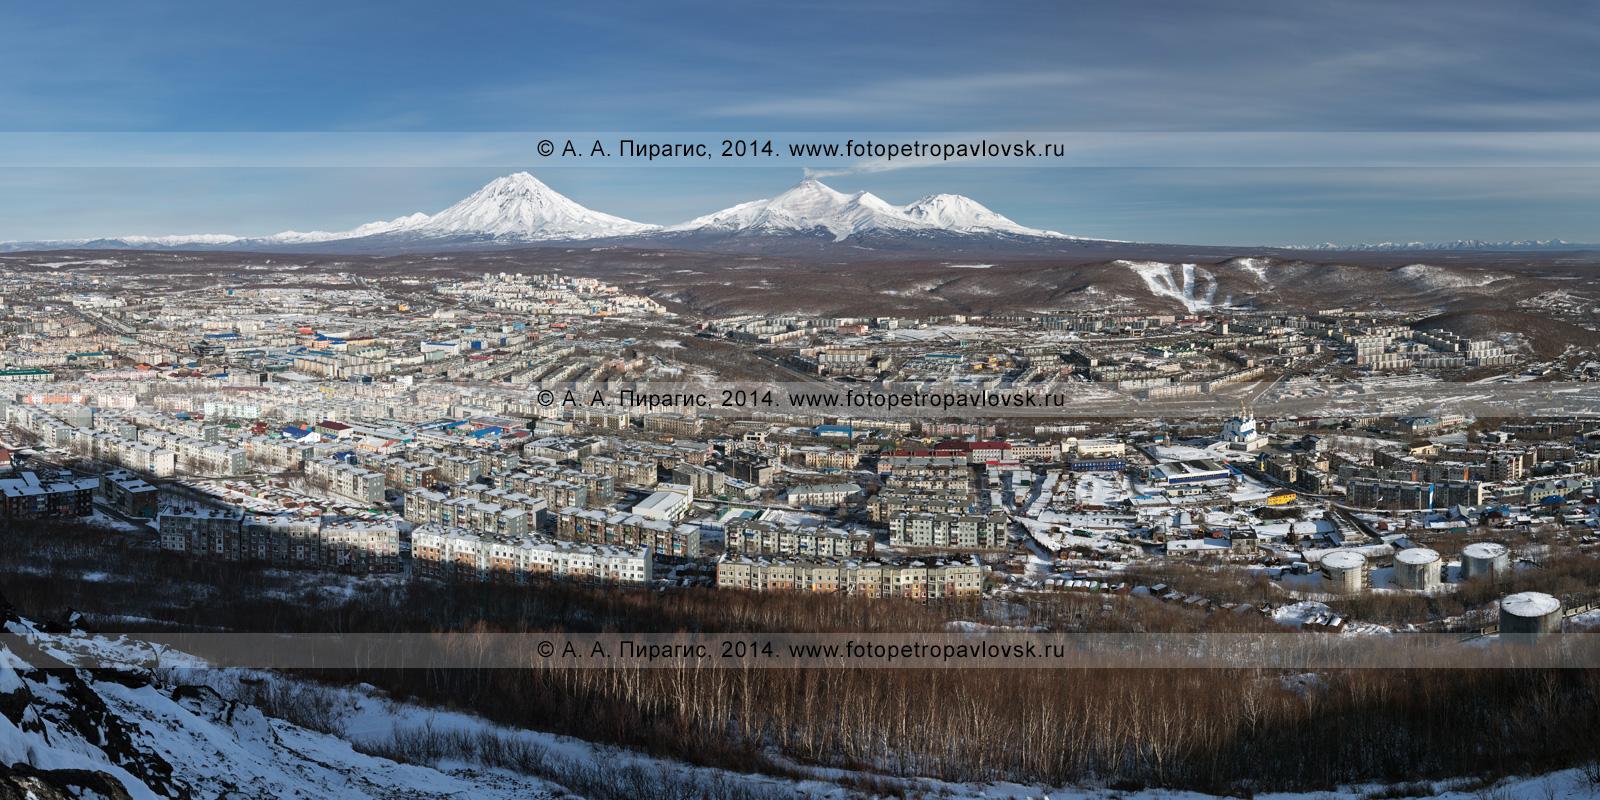 Фотография: панорама города Петропавловска-Камчатского, Корякский вулкан, Авачинский вулкан и Козельский вулкан. Камчатский край